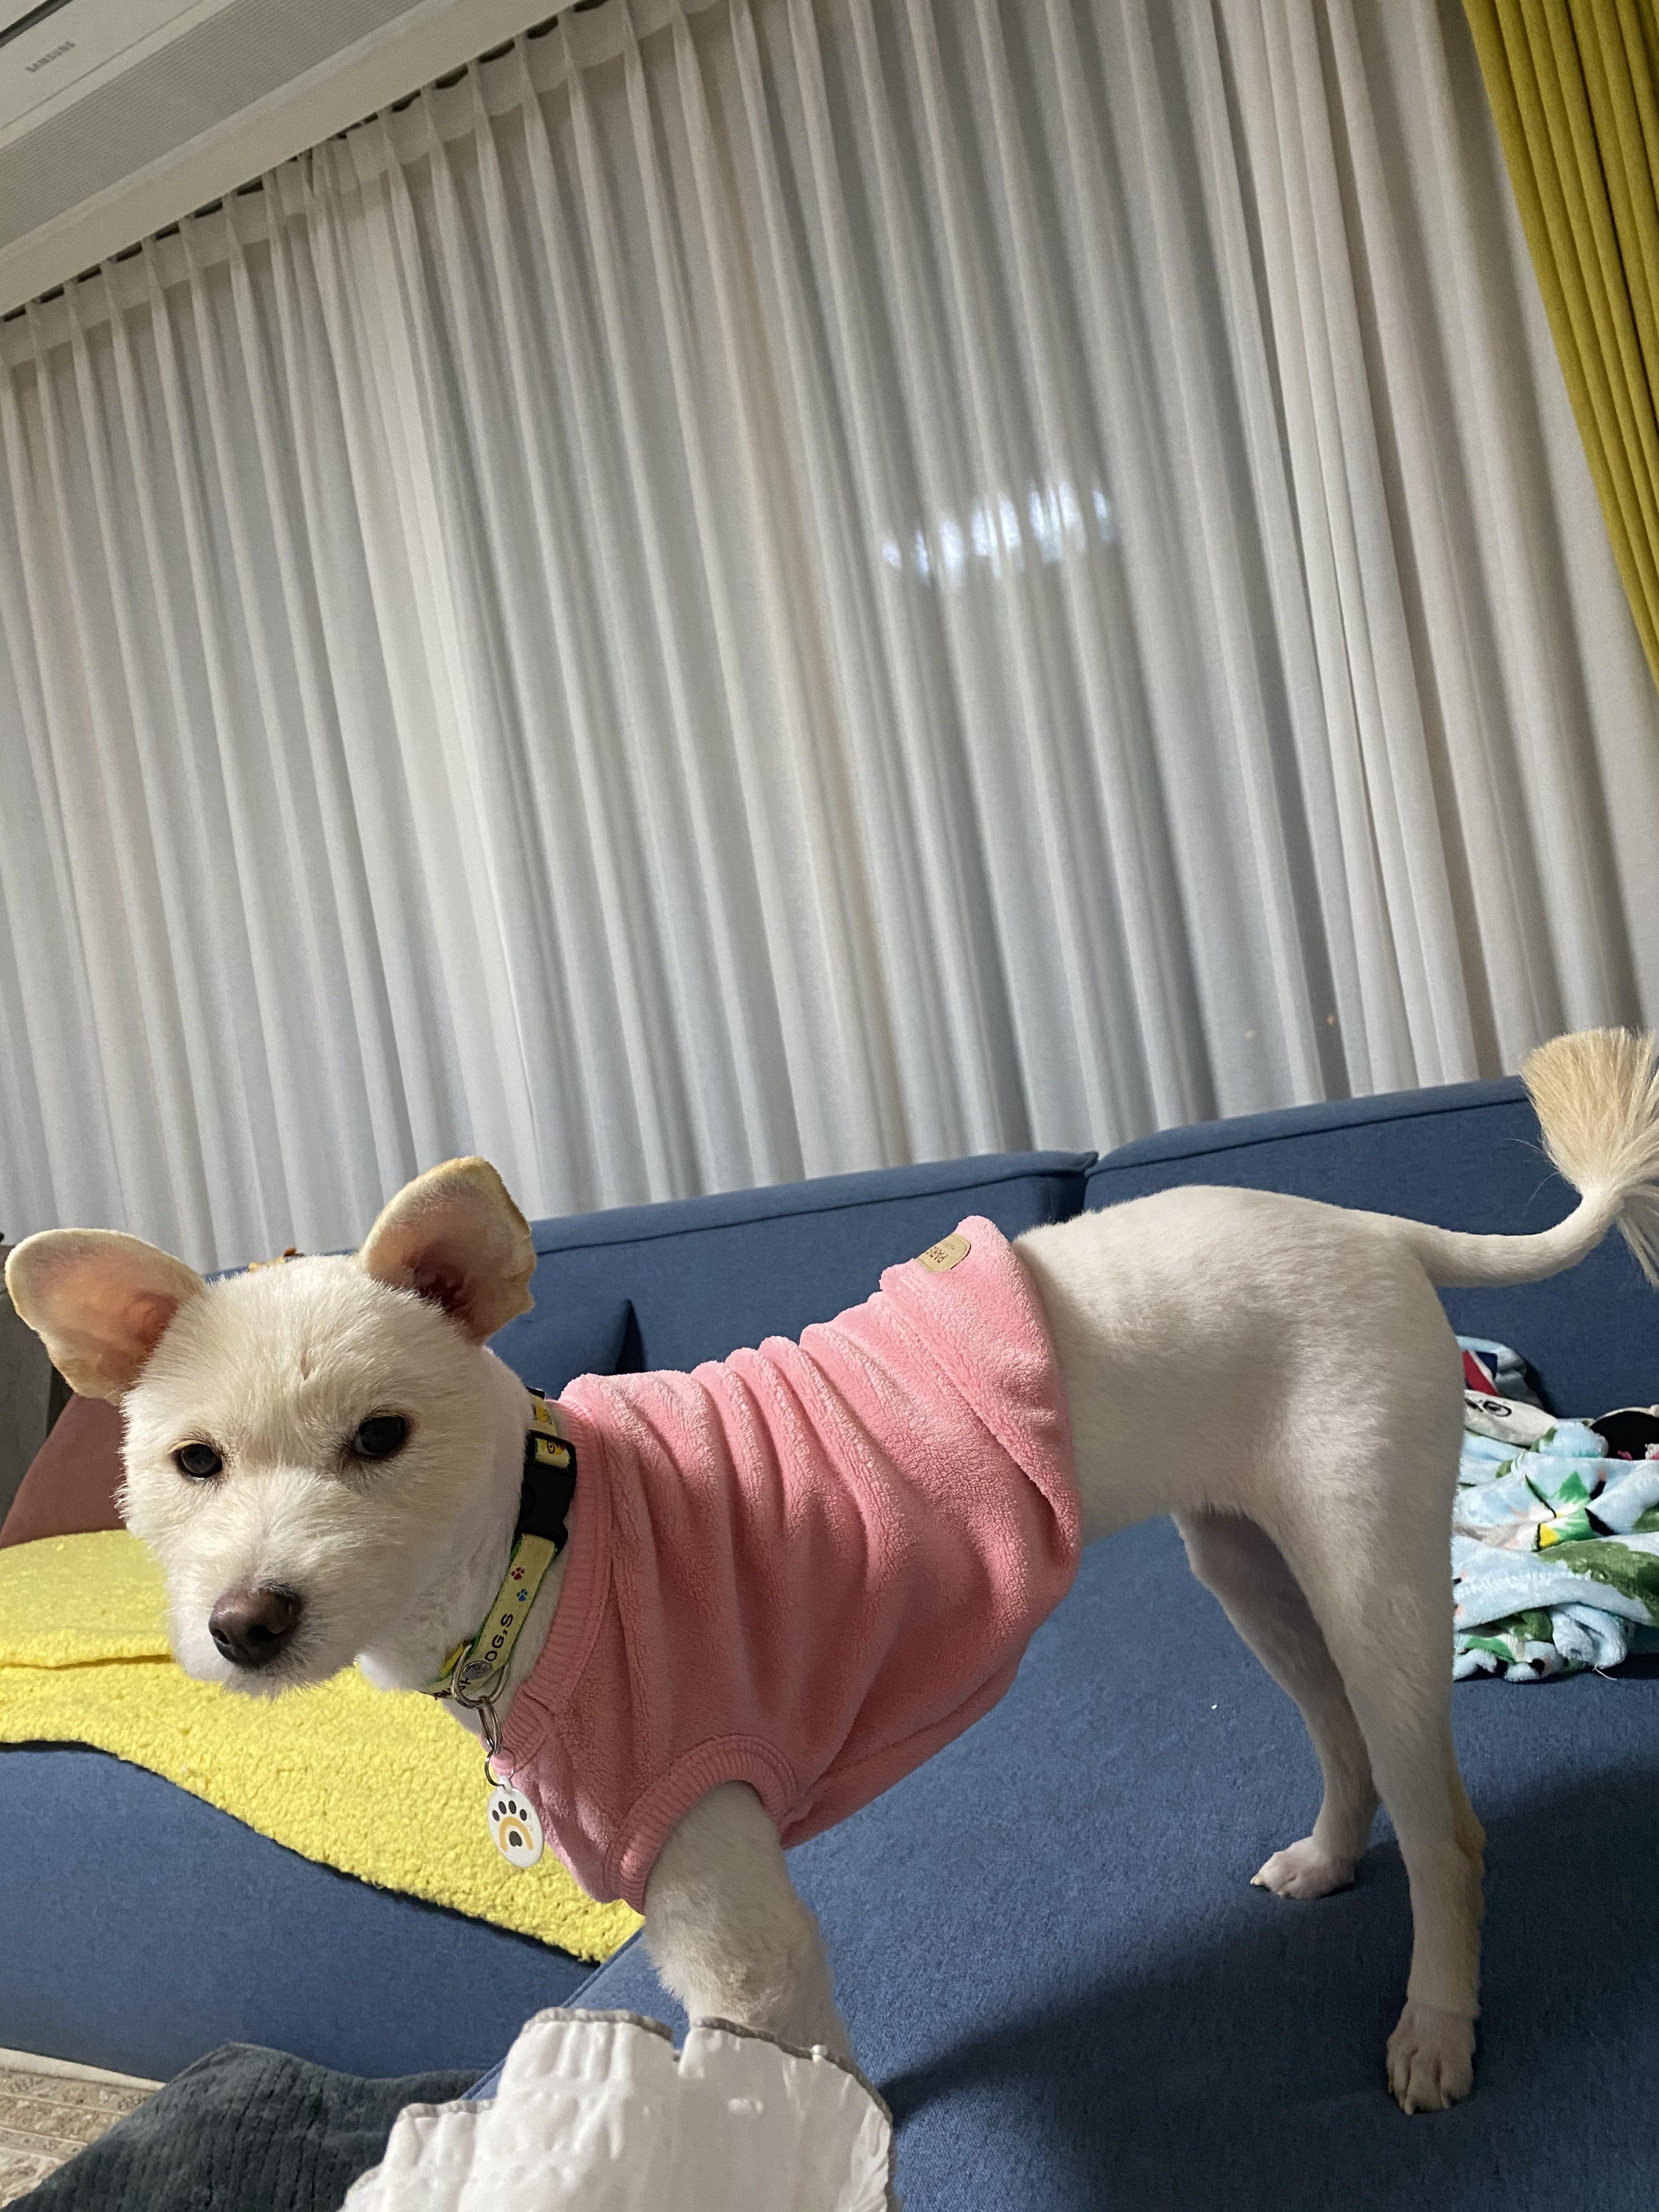 강아지 사진을 올려주세요